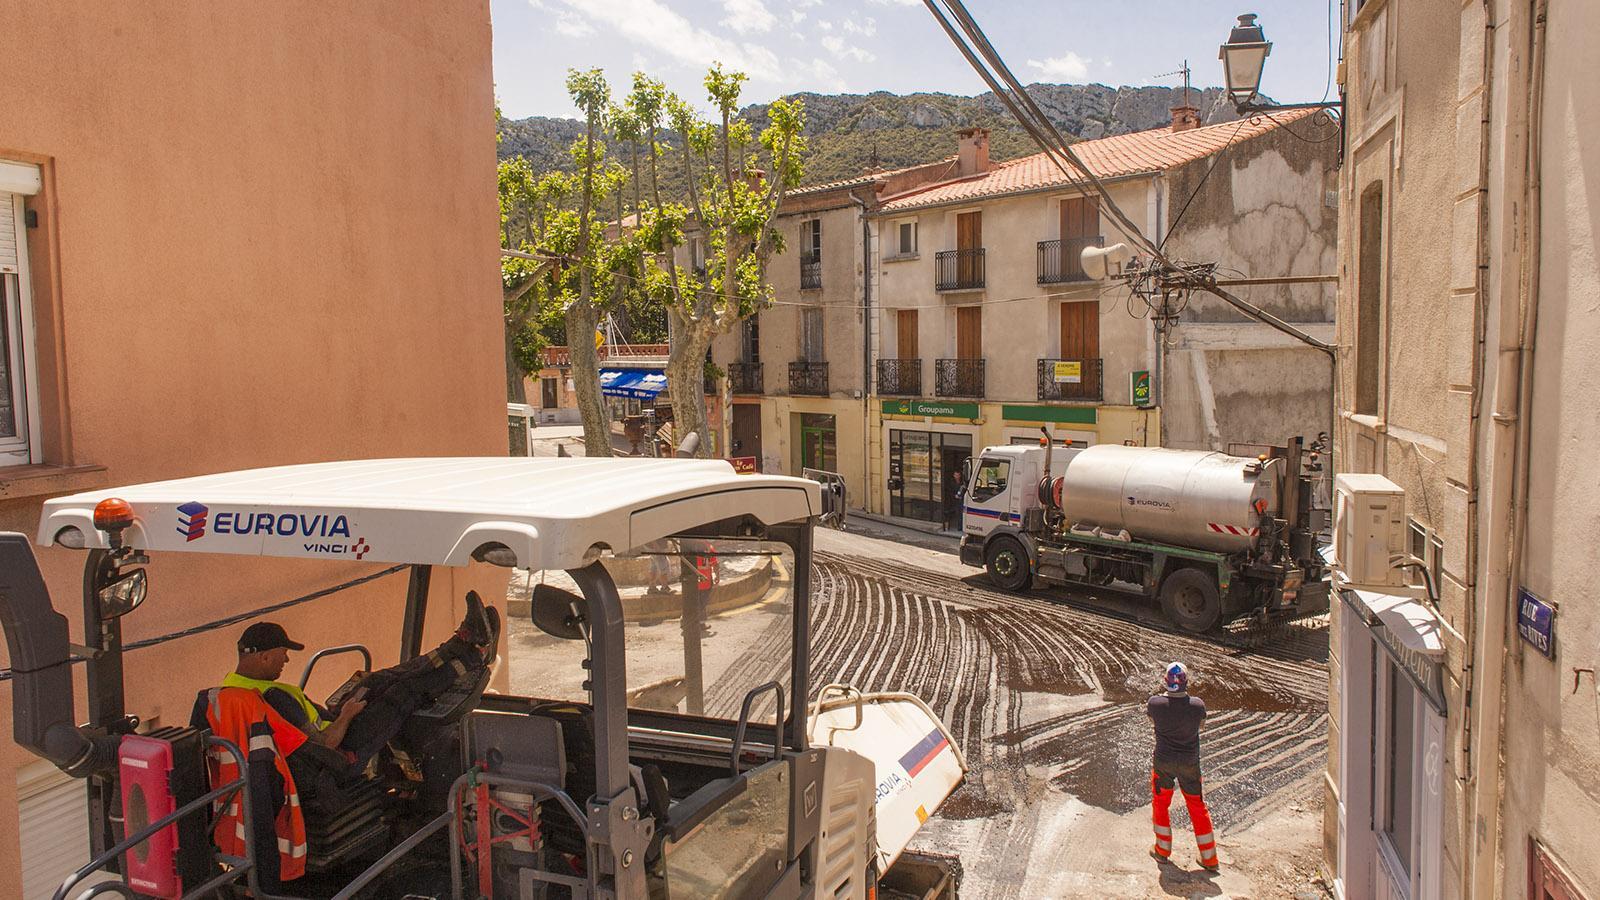 Saint-Paul-de-Fenouillet. Auch die Place de la République erhält neues Pflaster. Foto: Hilke Maunder